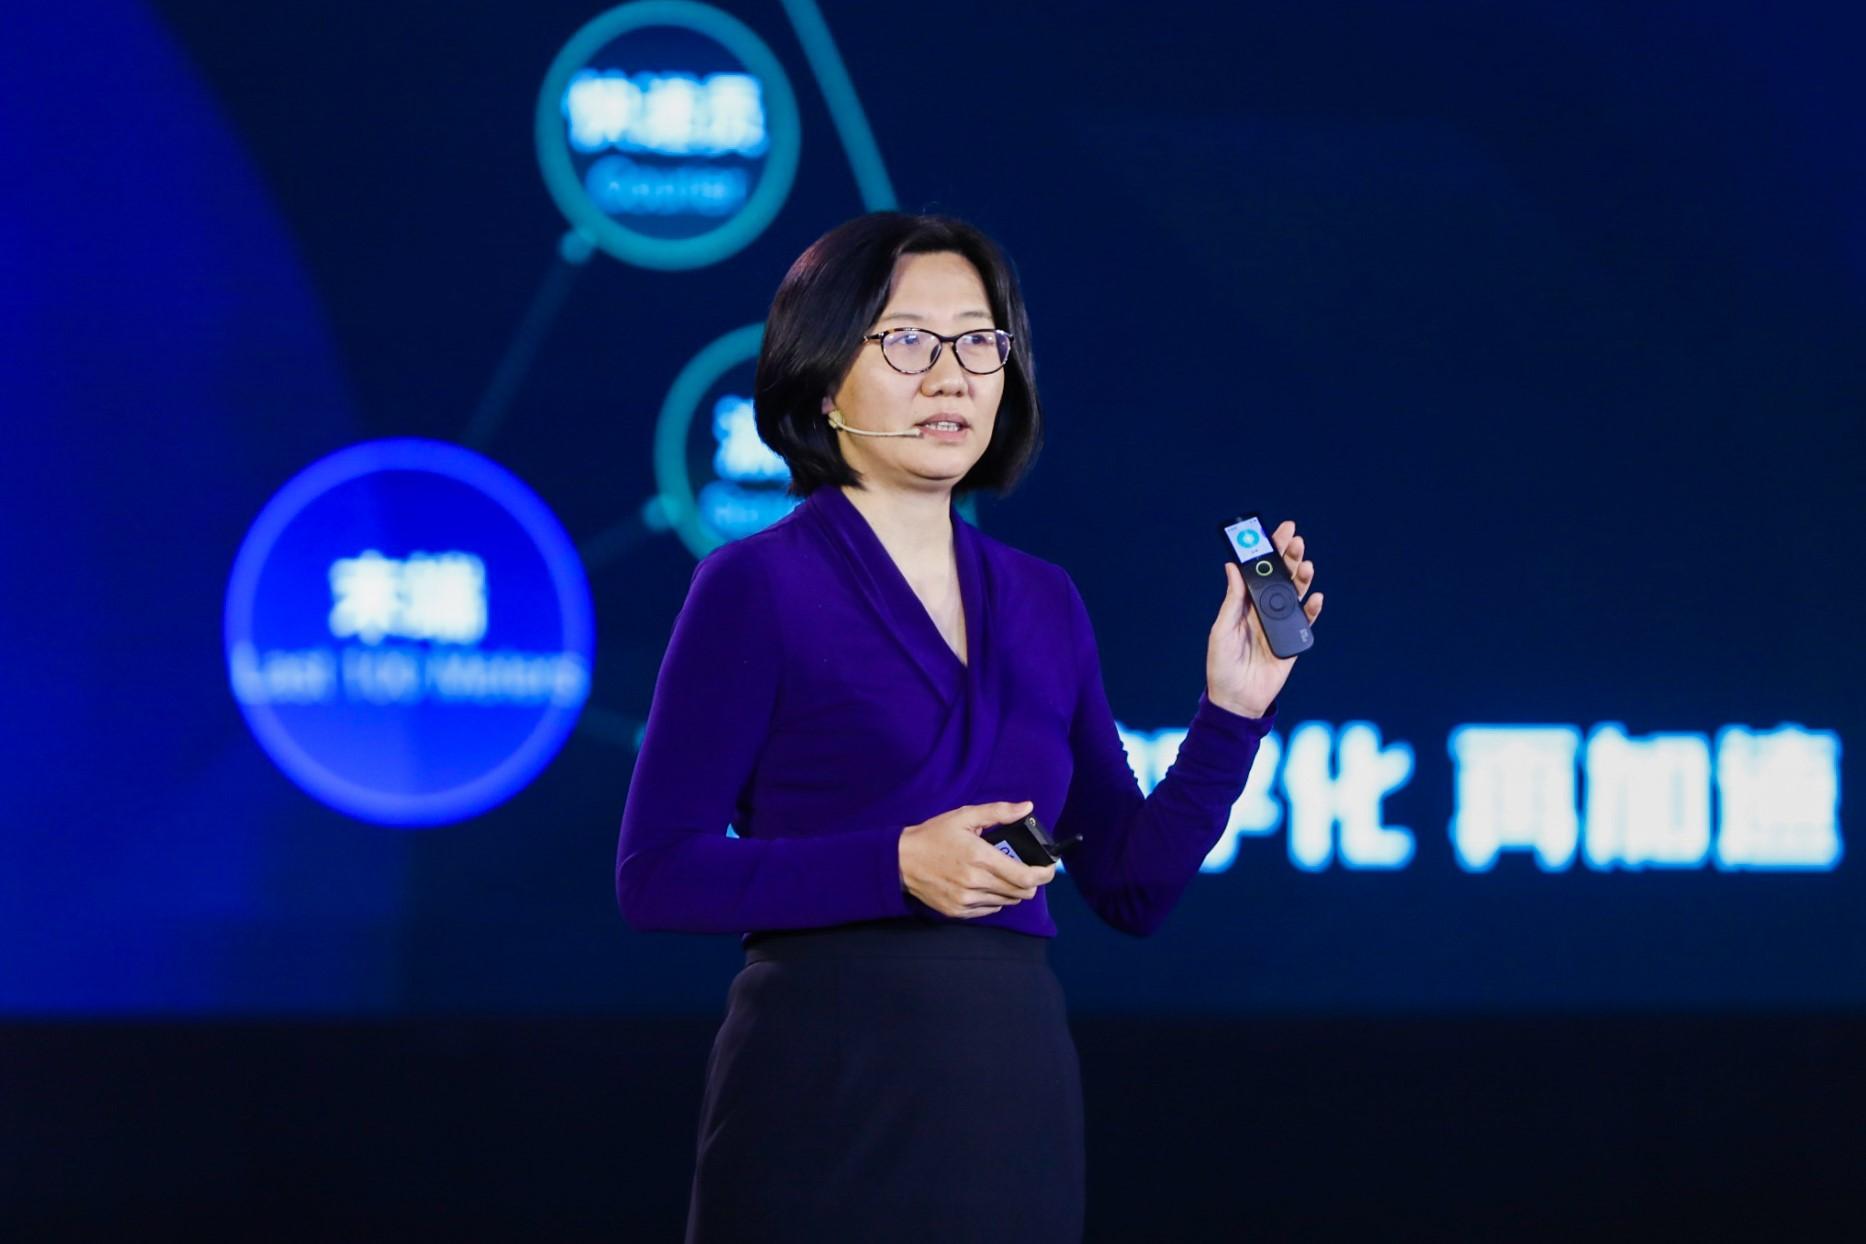 菜鸟发布物流IoT开放平台 打造普惠物联网